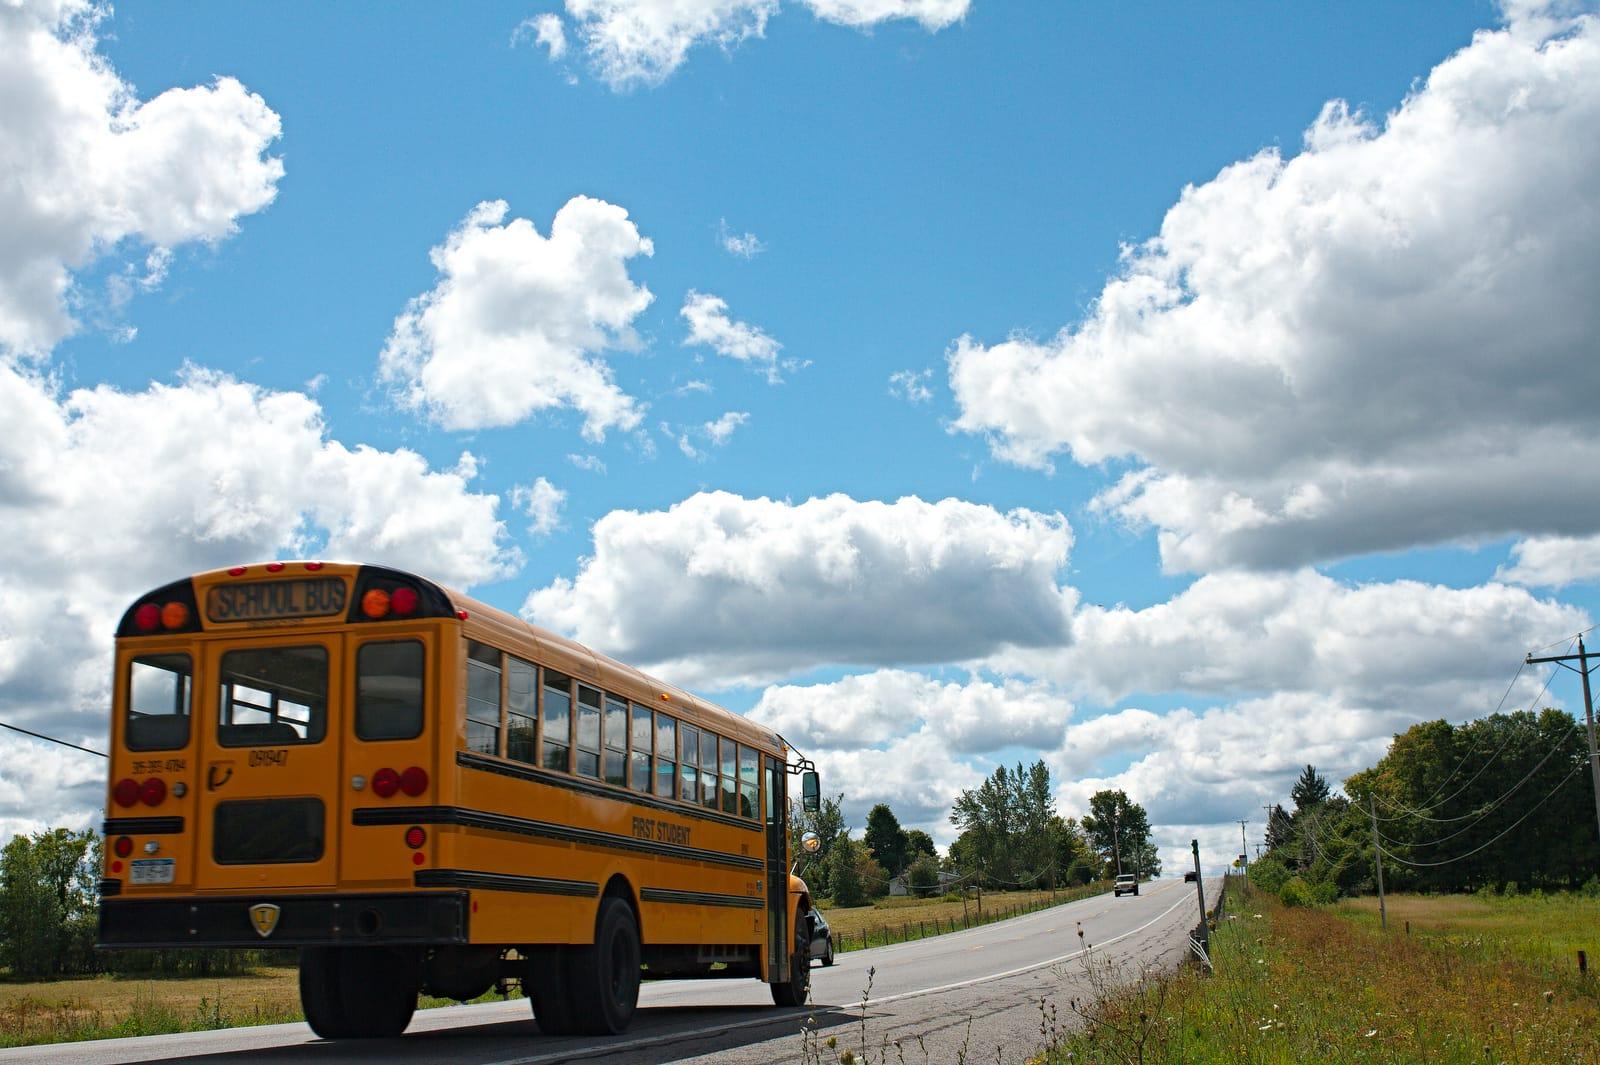 School-bus-kwrl